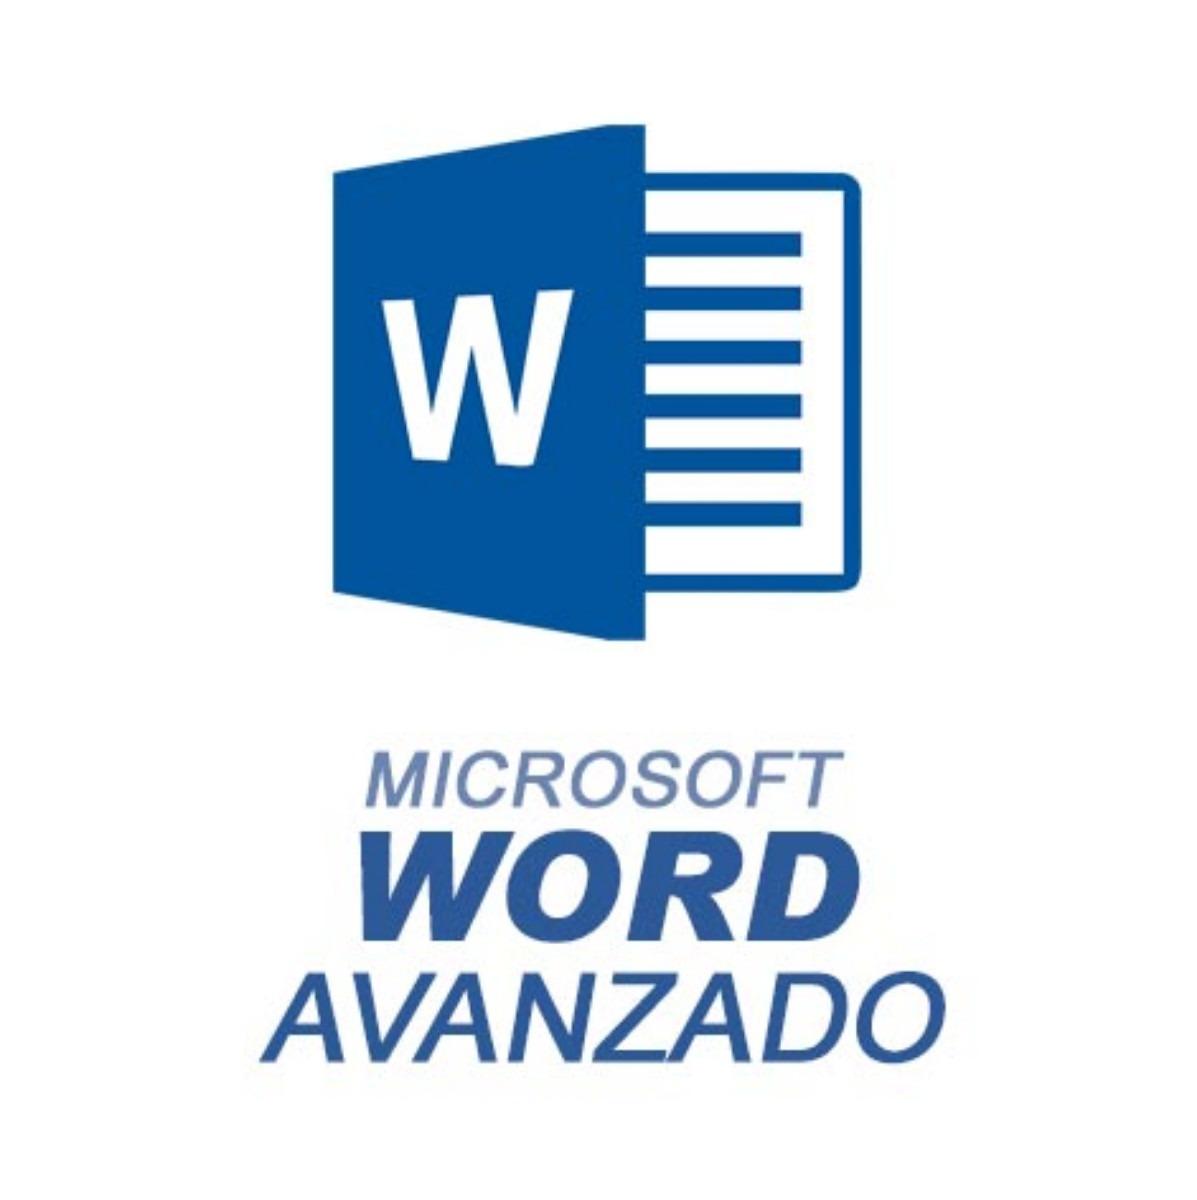 Microsoft Word Avanzado